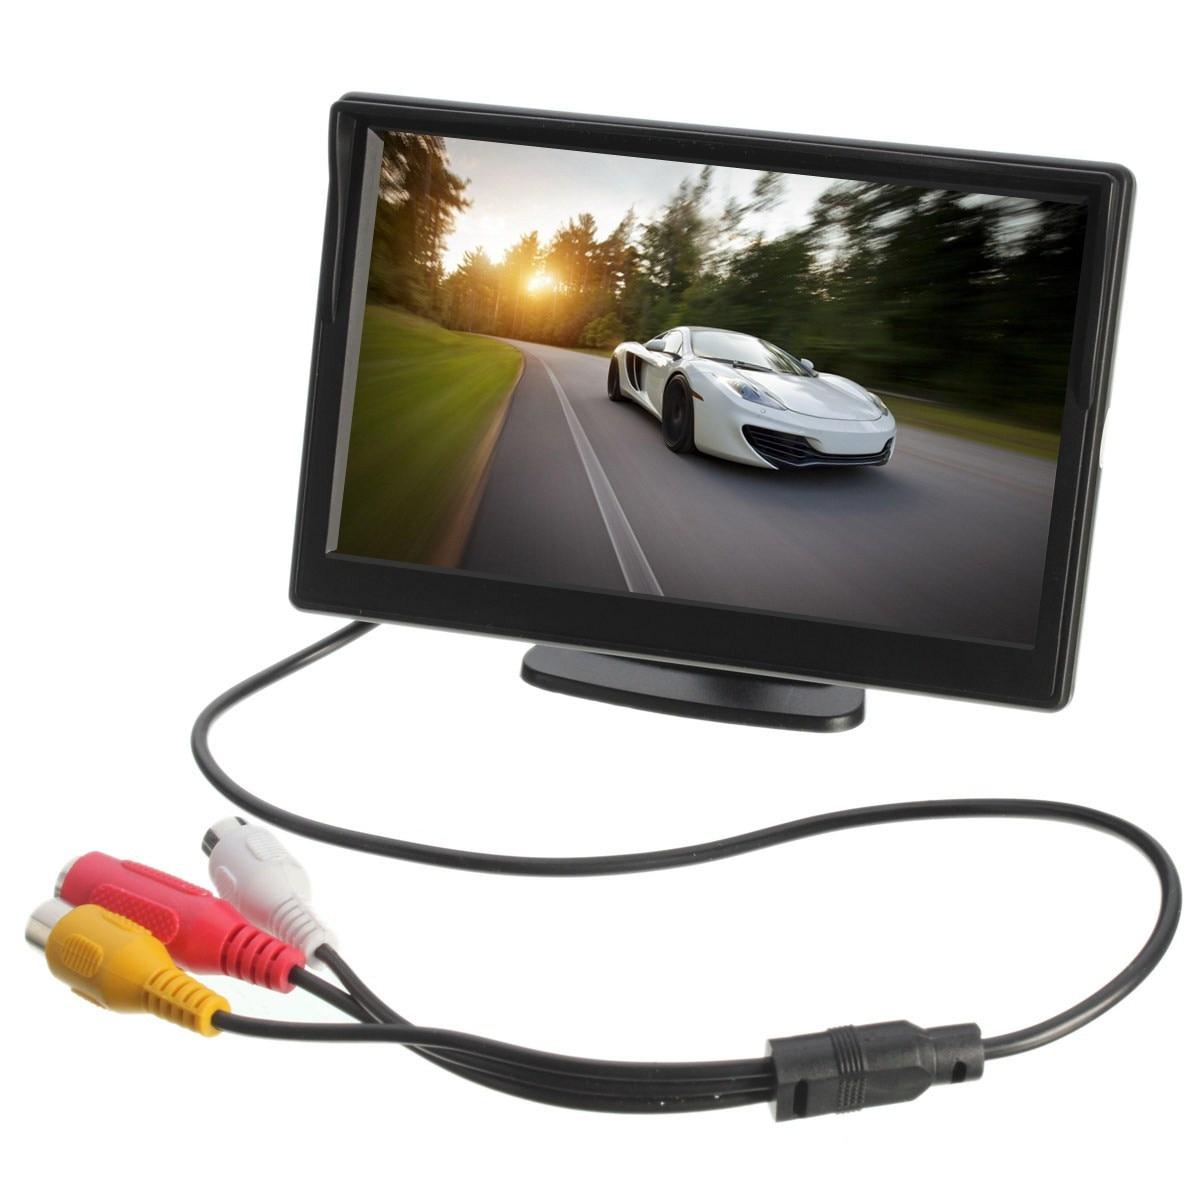 imágenes para 5 pulgadas TFT LCD de Pantalla Del Monitor Retrovisor Aparcamiento Vista Posterior Monitores Soporte de la Succión Del Coche Para VCD DVD Cámara de Marcha Atrás